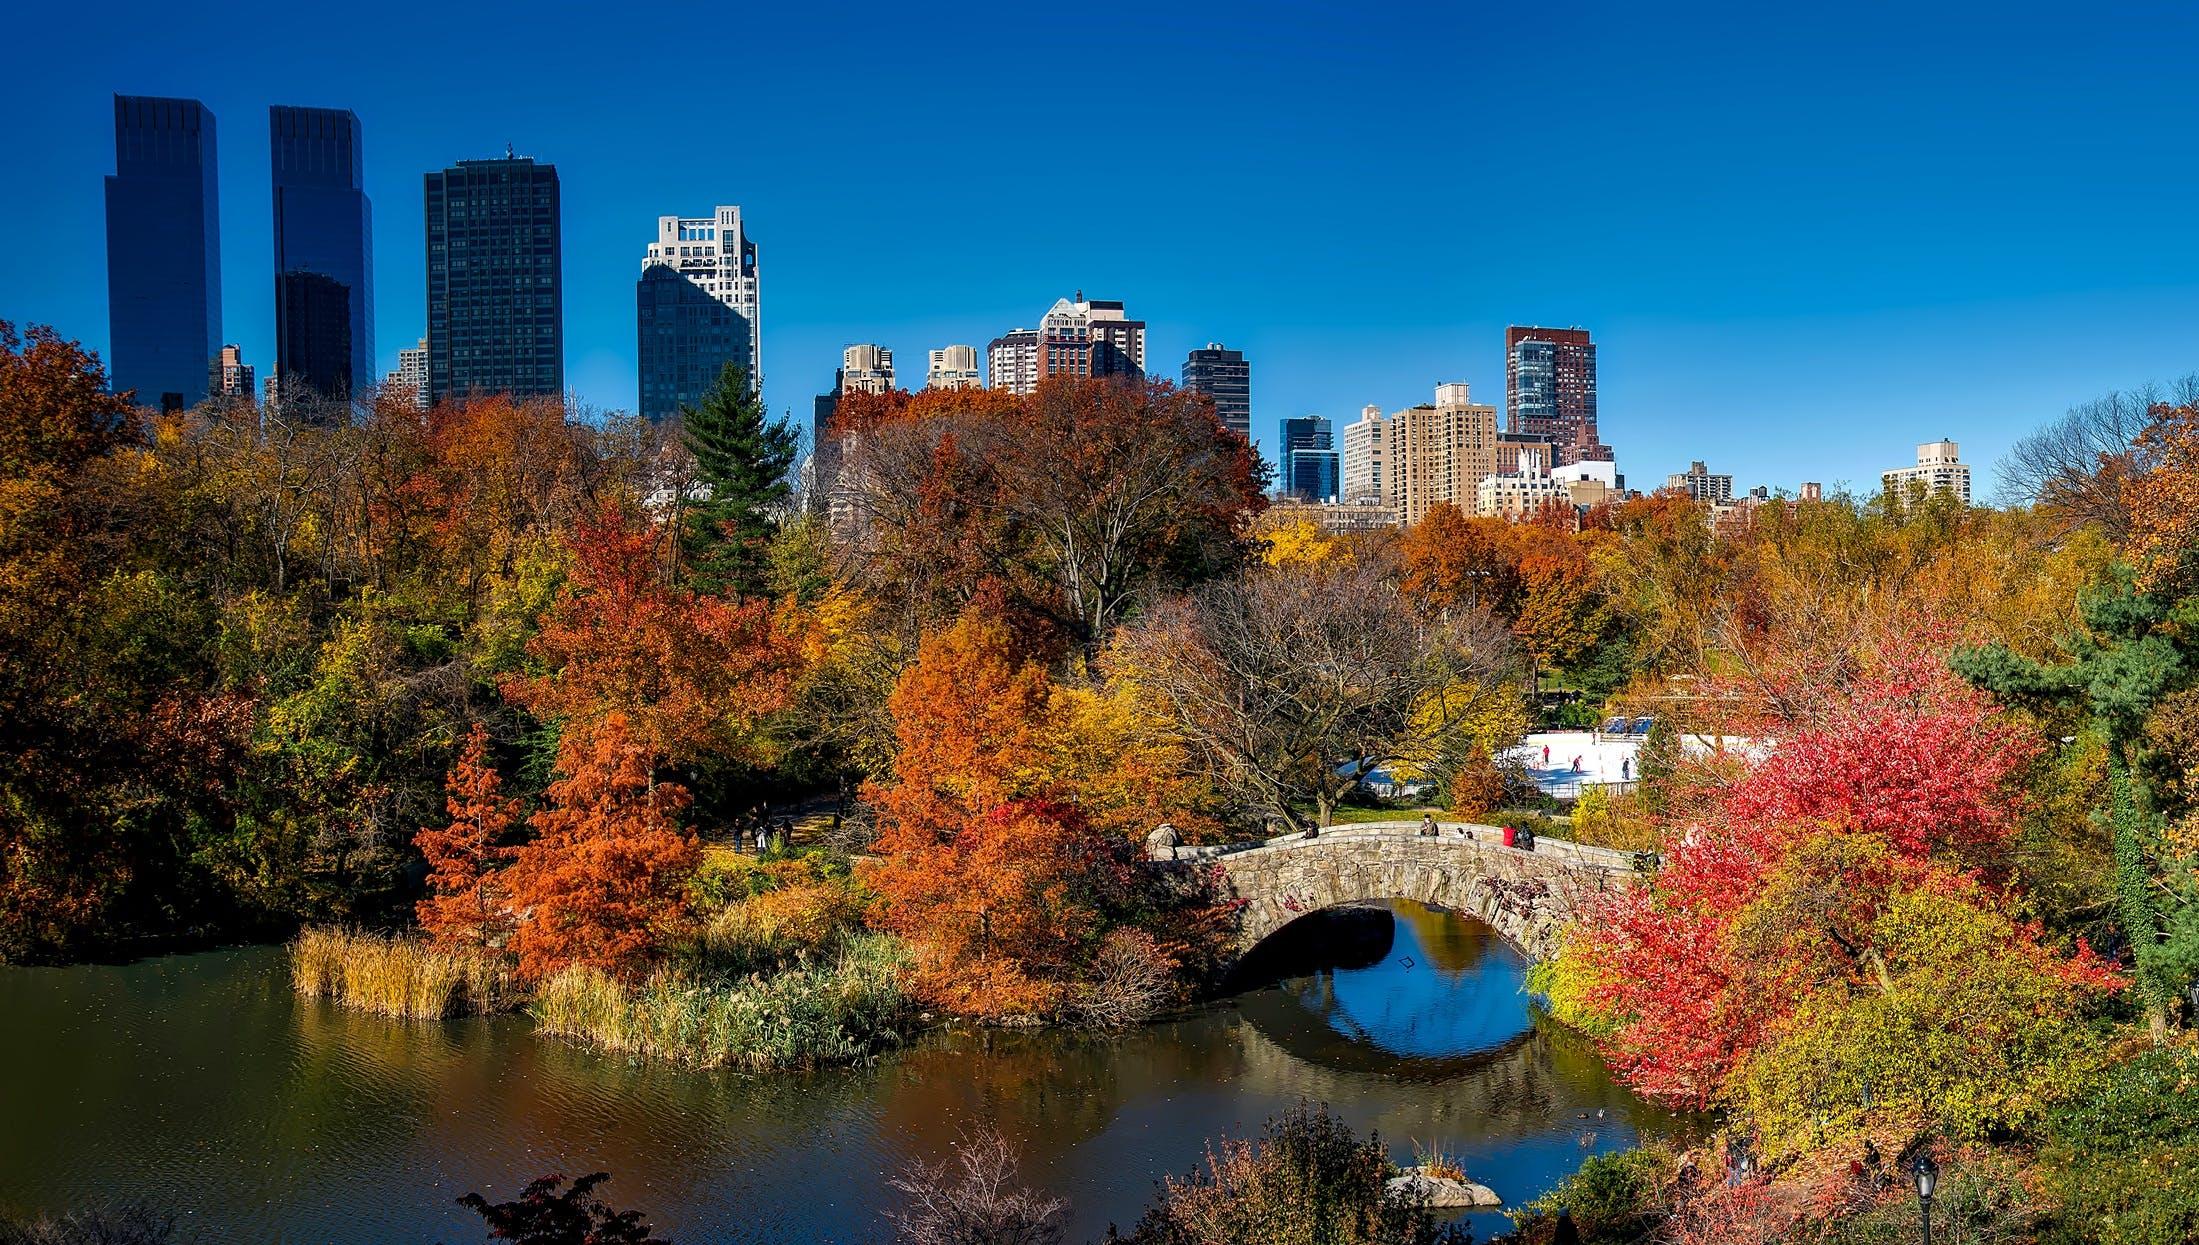 autumn, buildings, city